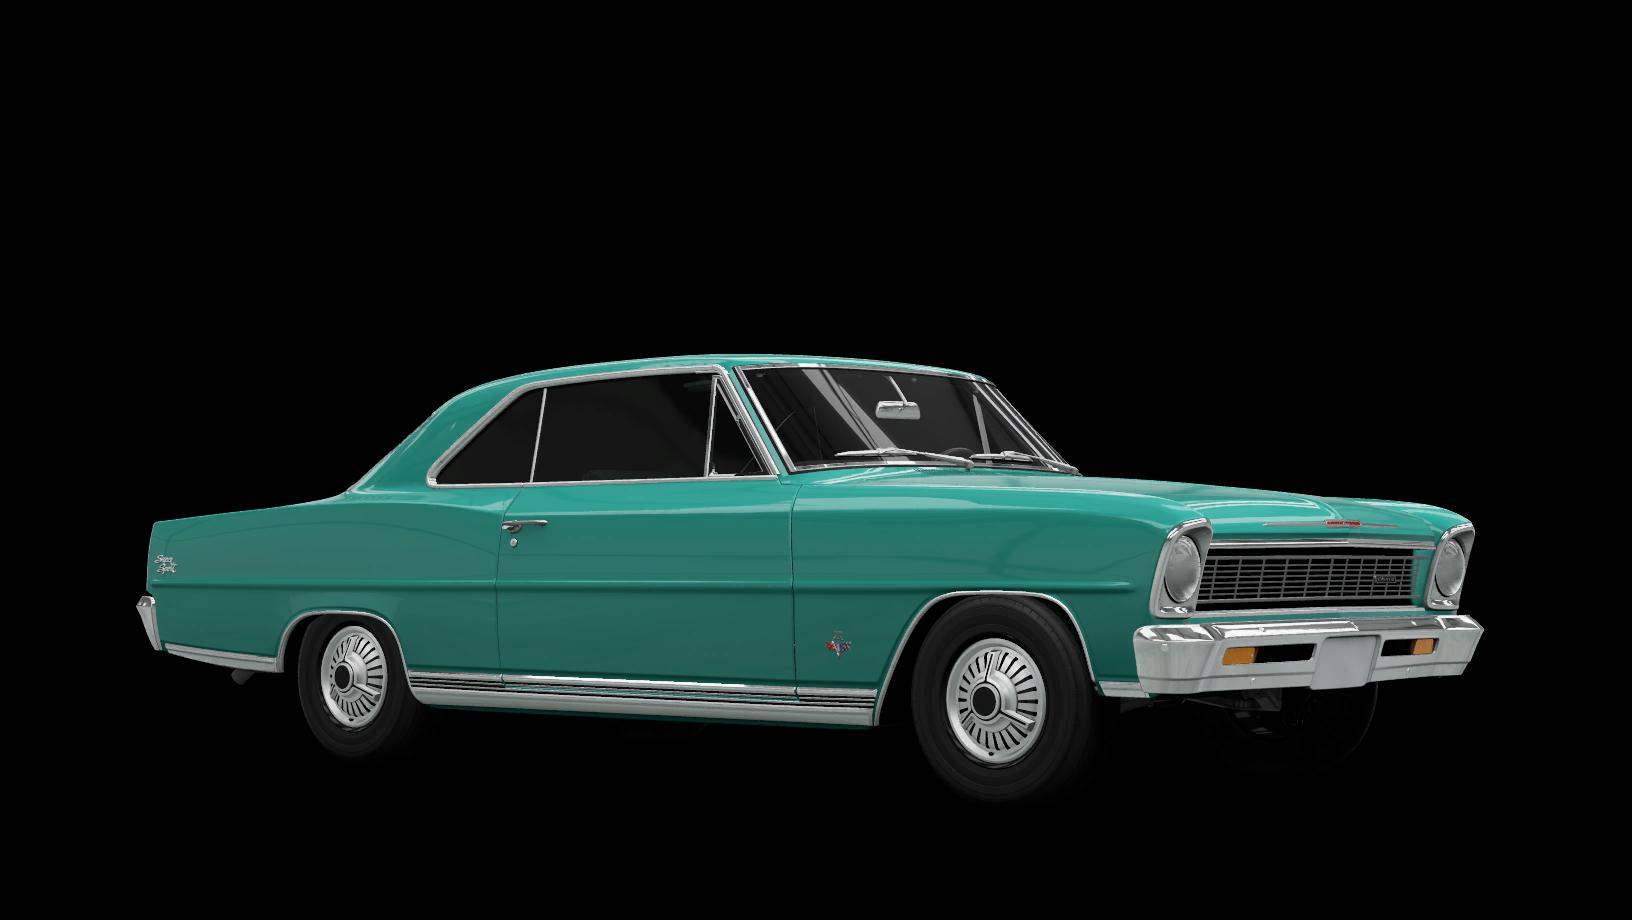 Kelebihan Chevrolet Nova Harga